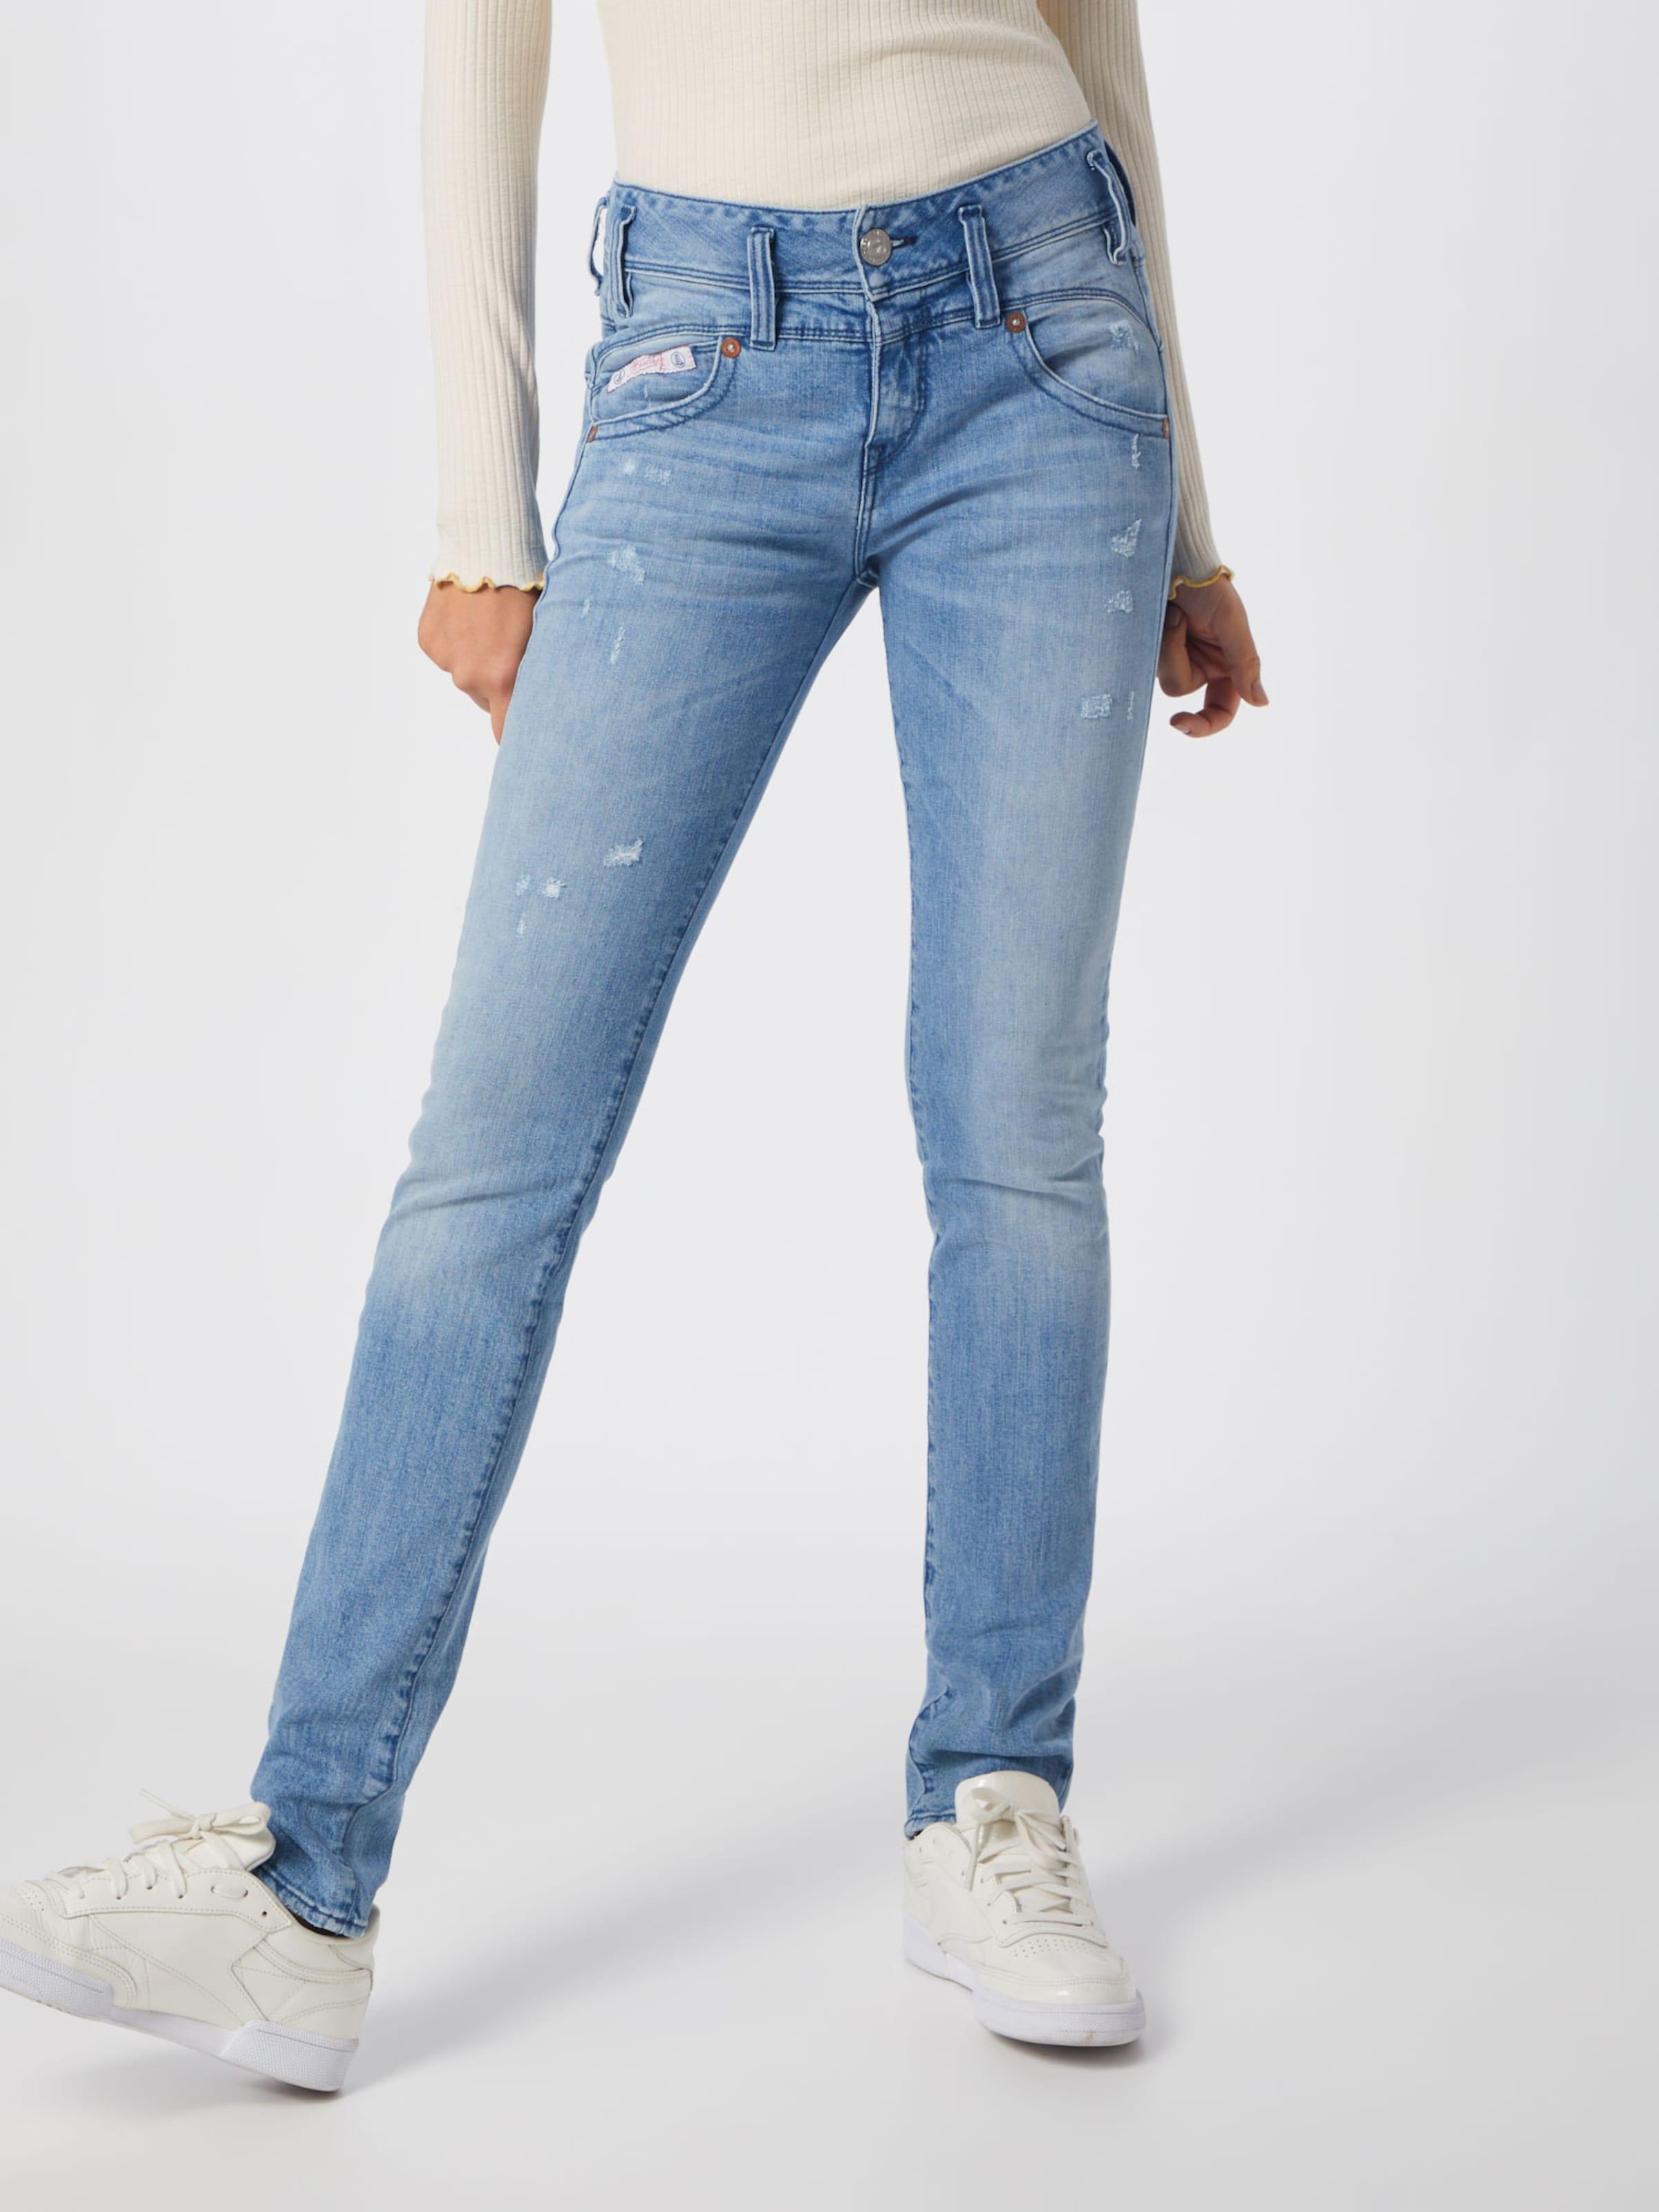 In In Herrlicher Jeans In Blau Herrlicher Blau Jeans Jeans Herrlicher SGqLMUzVjp